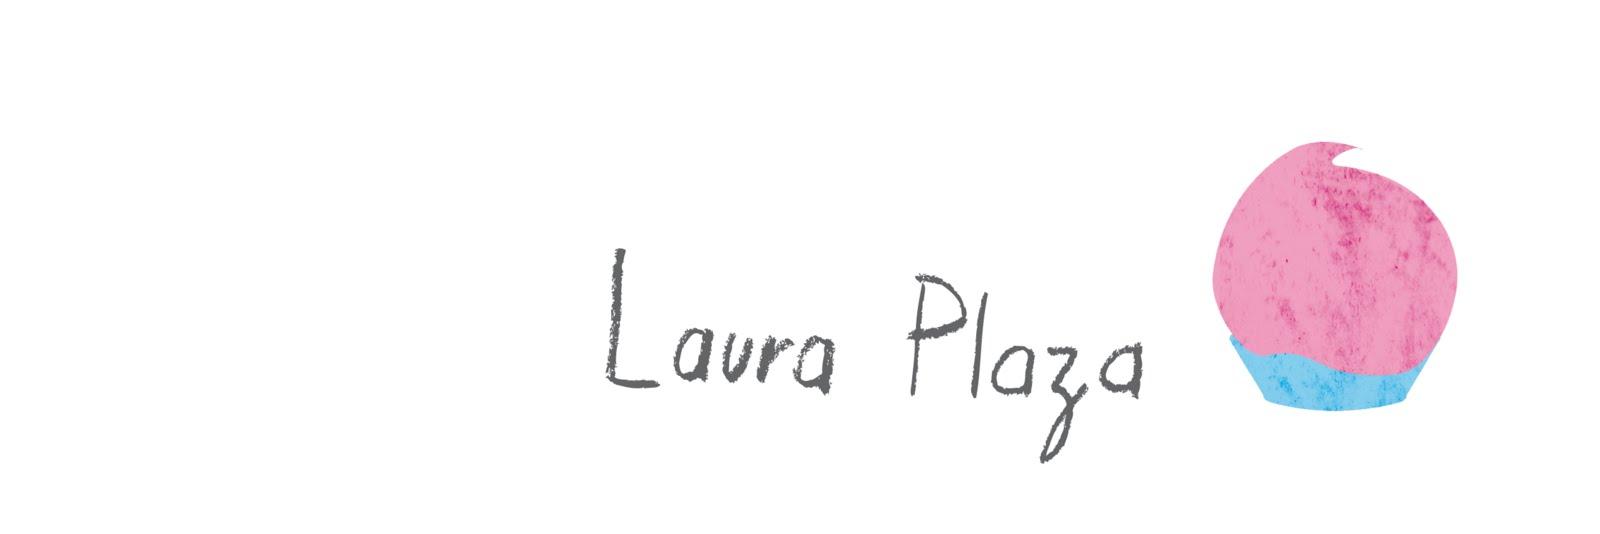 Laura Plaza Ilustración